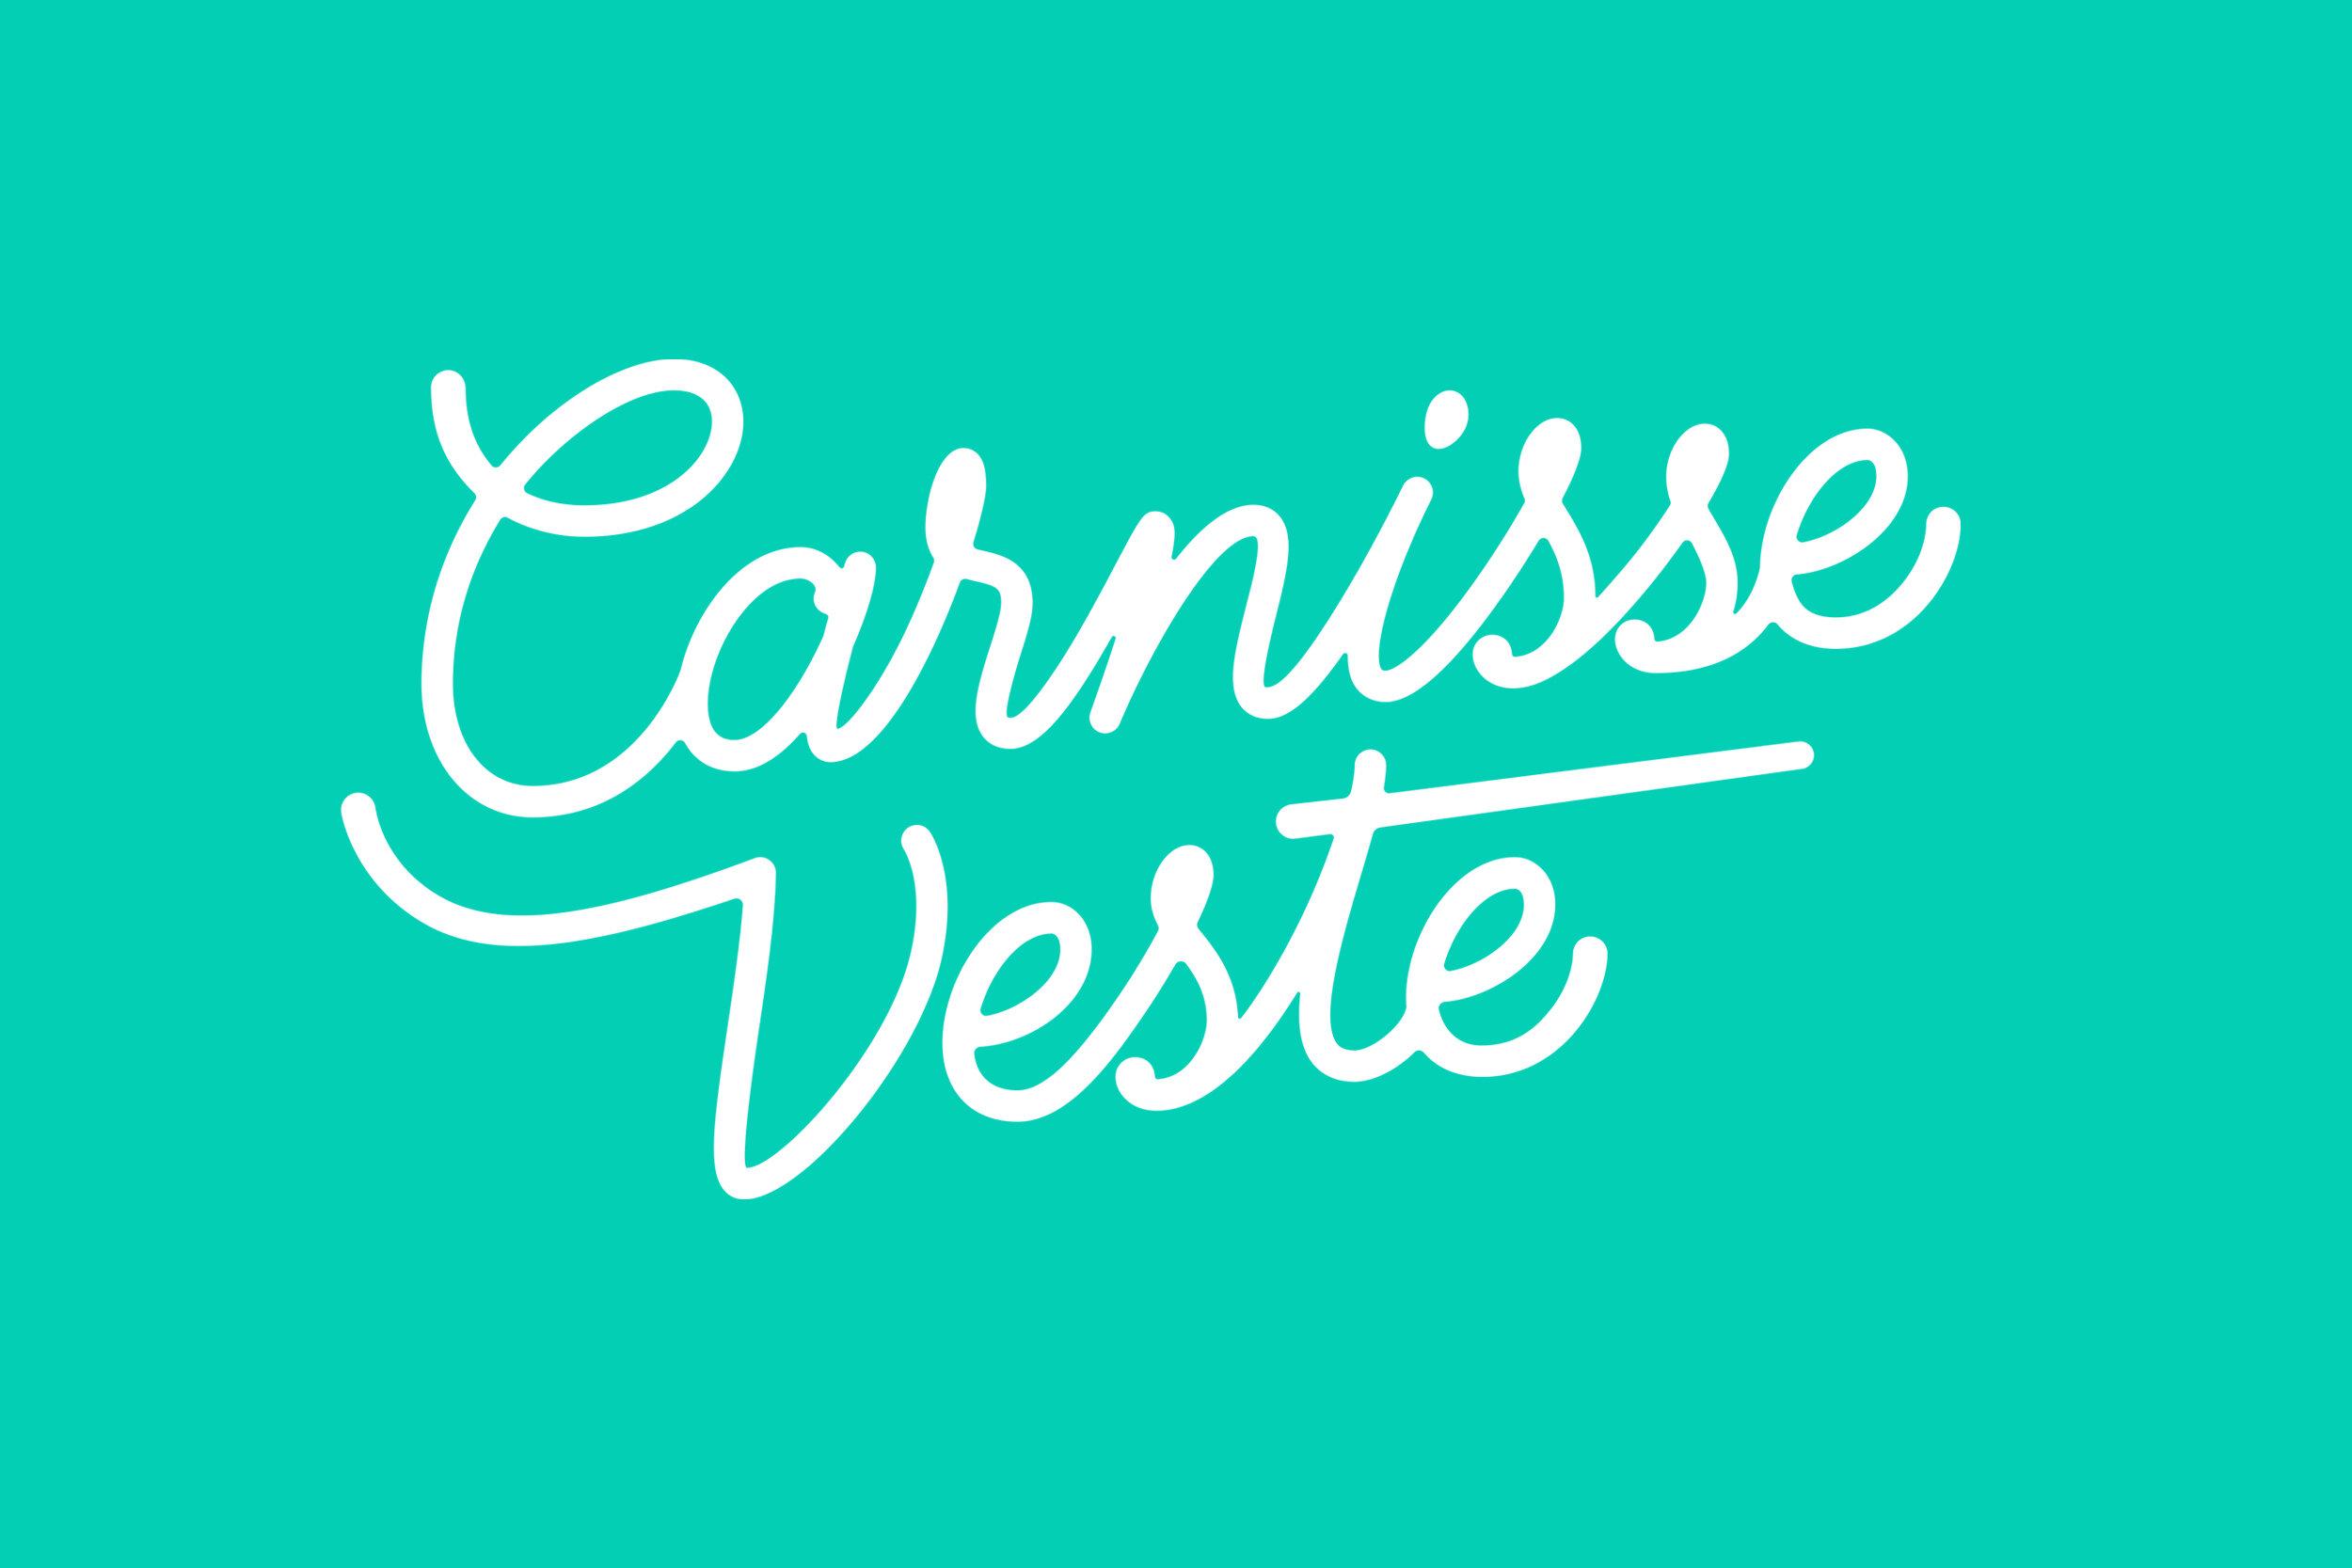 Logo_CarnisseVeste1_Shortlife.jpg